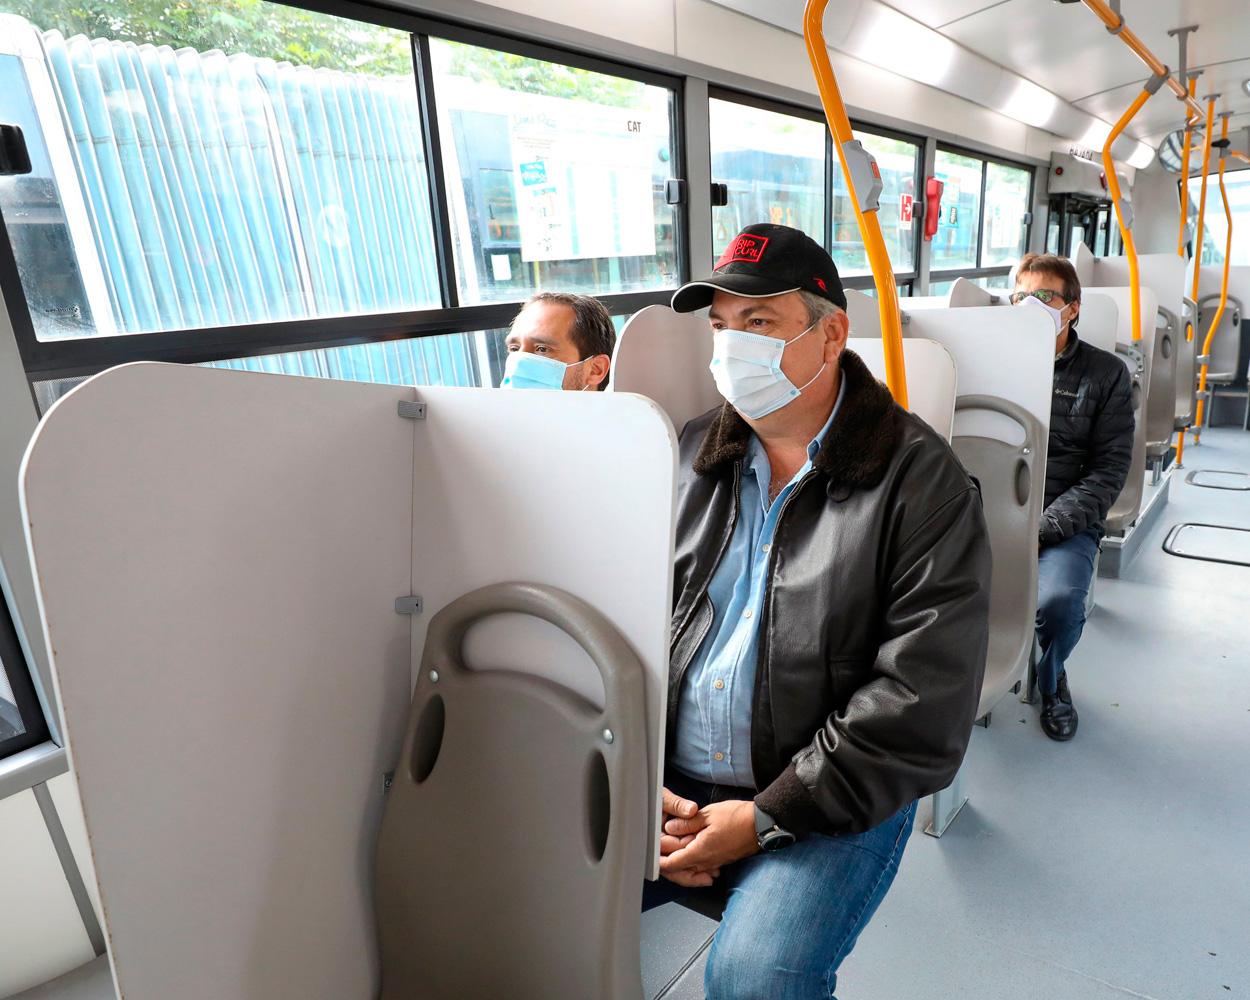 Separadores transporte publico